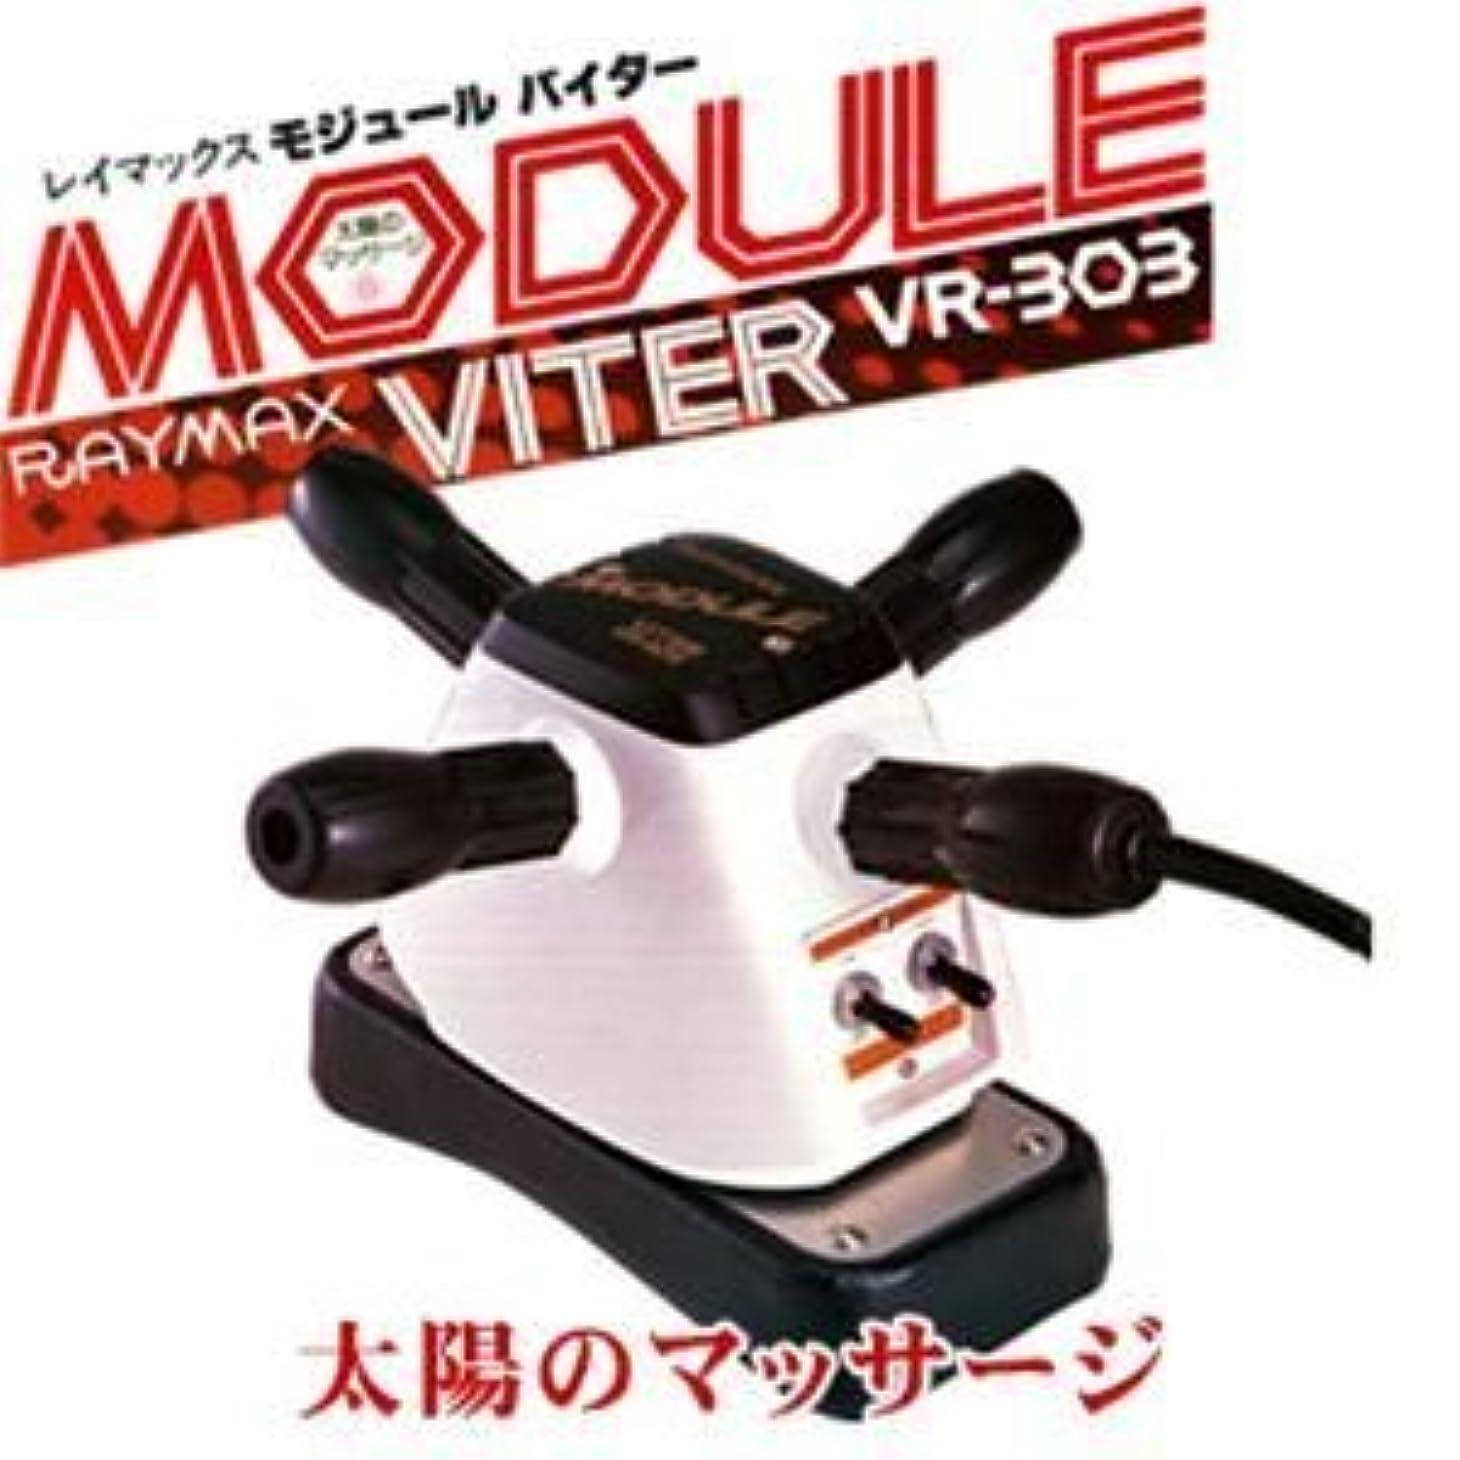 急襲雇用つばRAYMAX(レイマックス) モジュールバイター VR-303